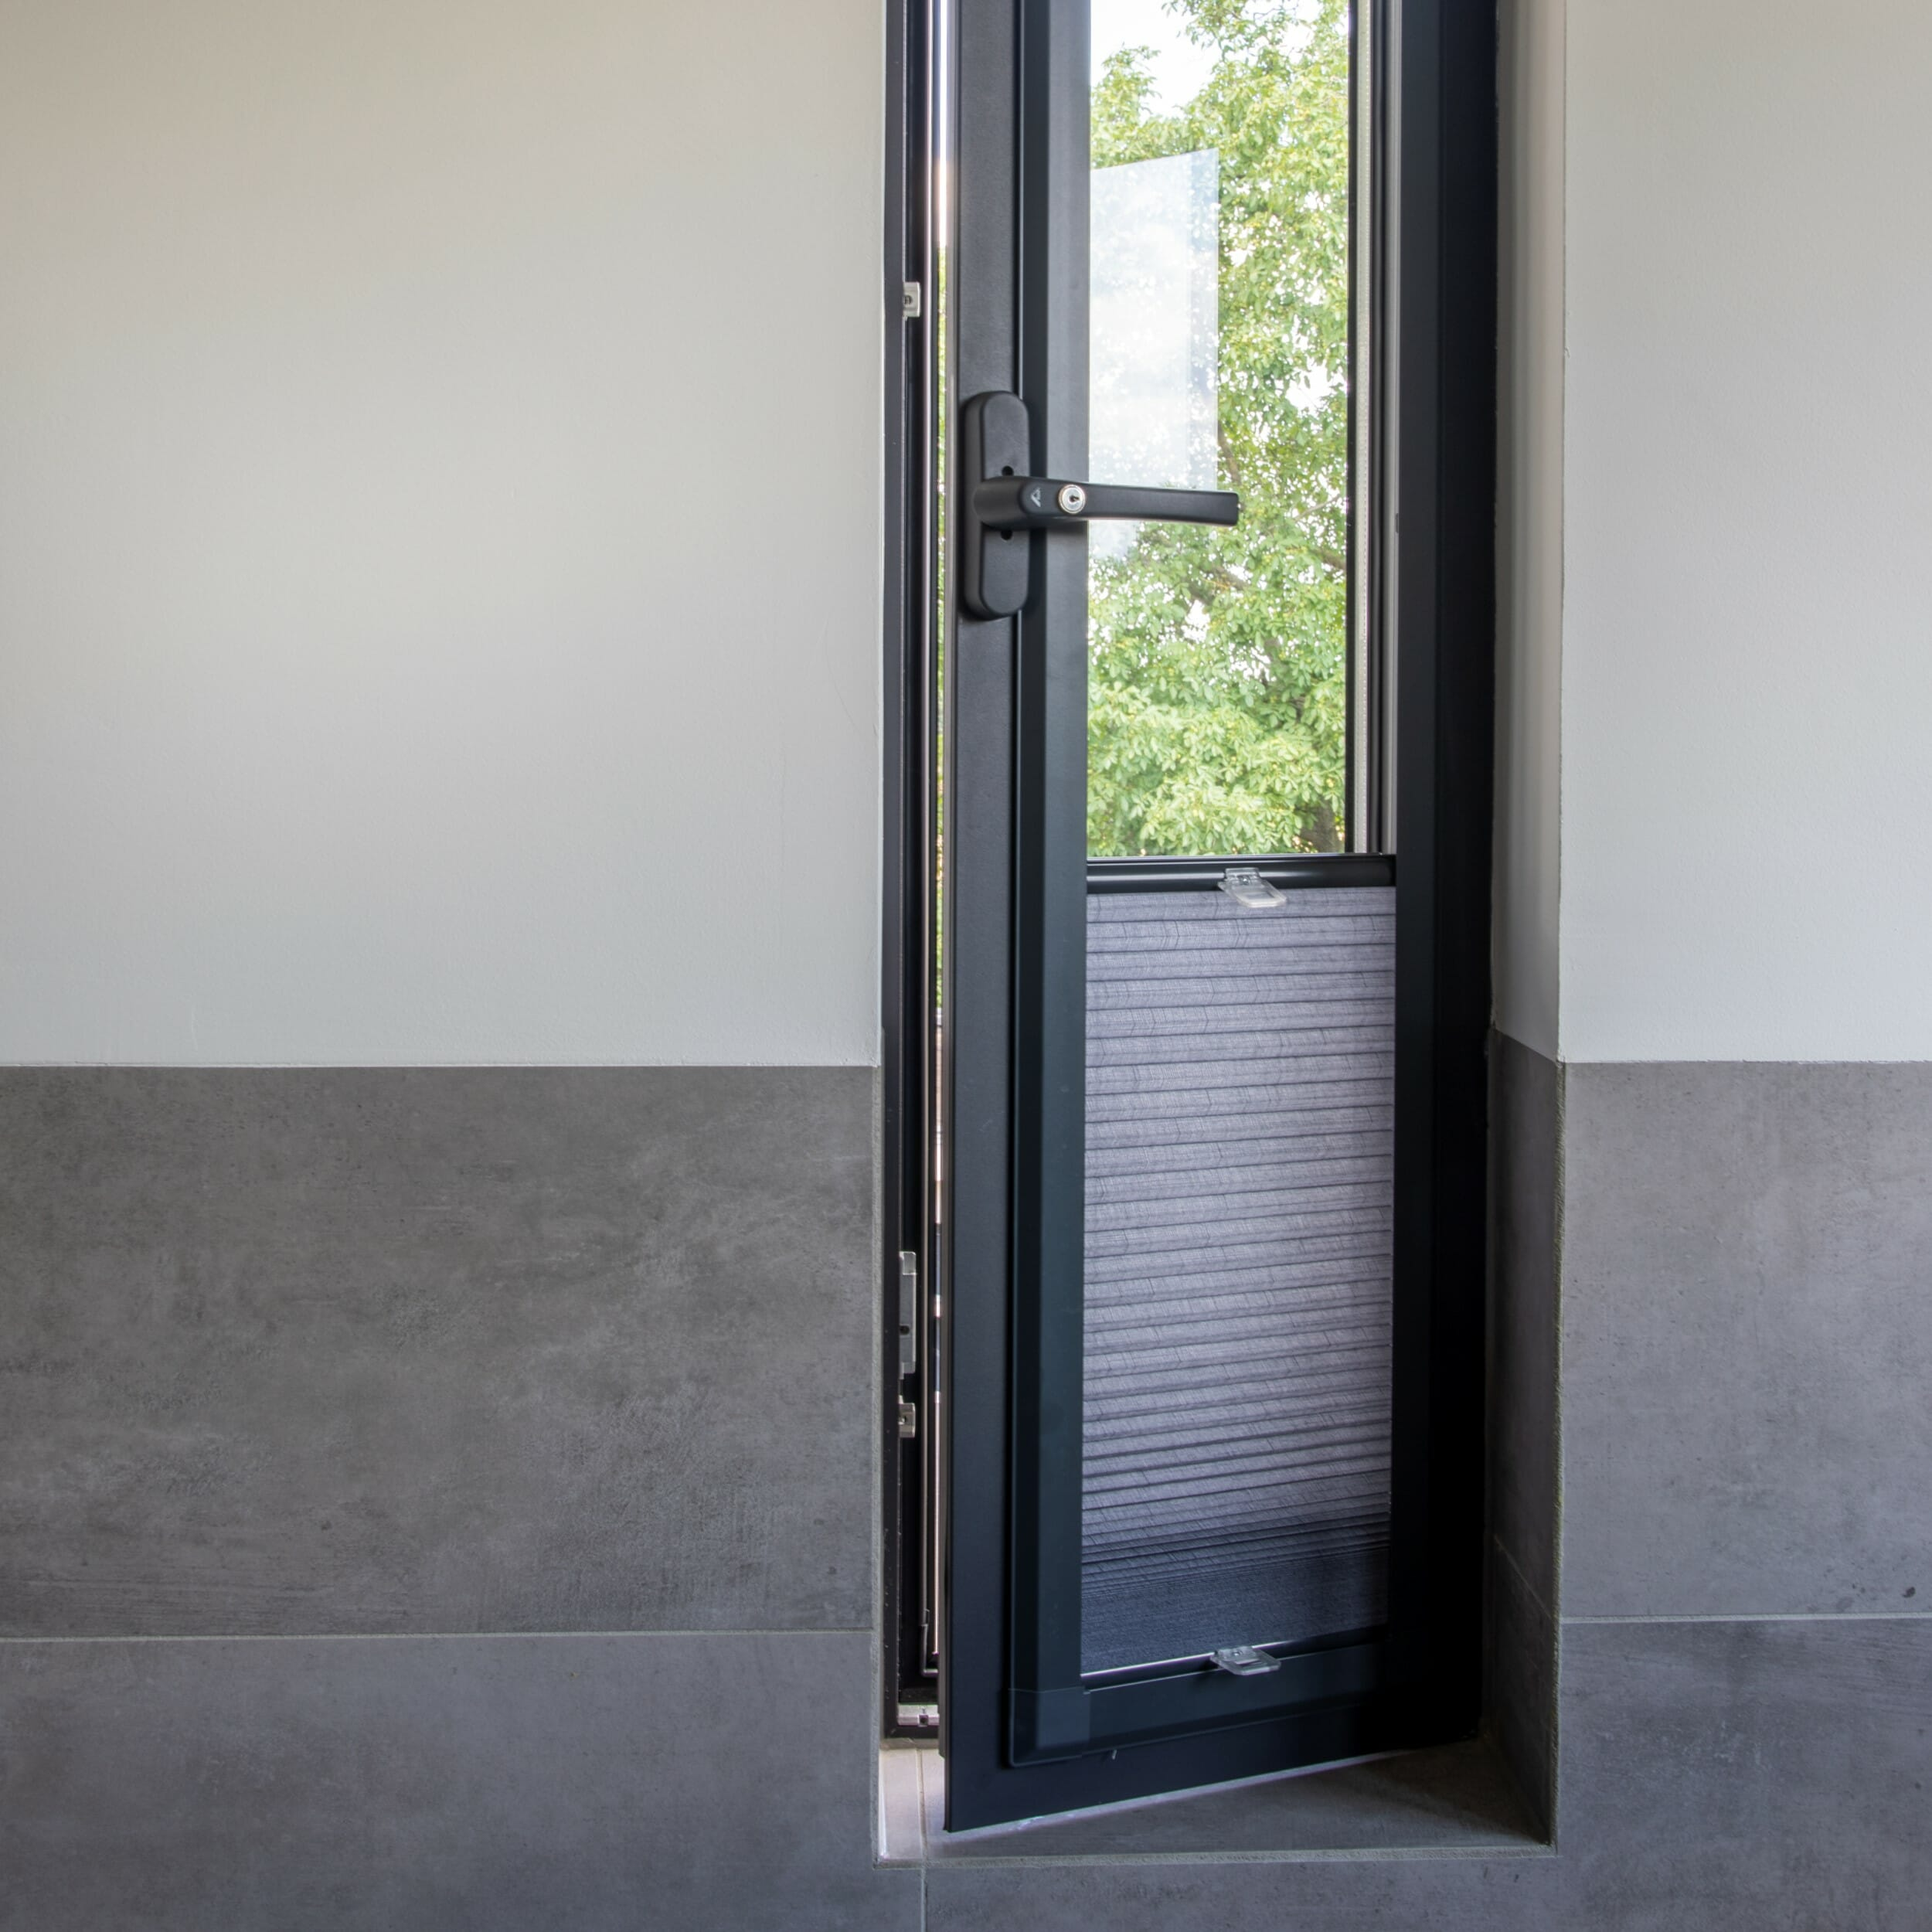 Verwonderend Raambekleding voor kleine en smalle ramen - Zonnelux YJ-22